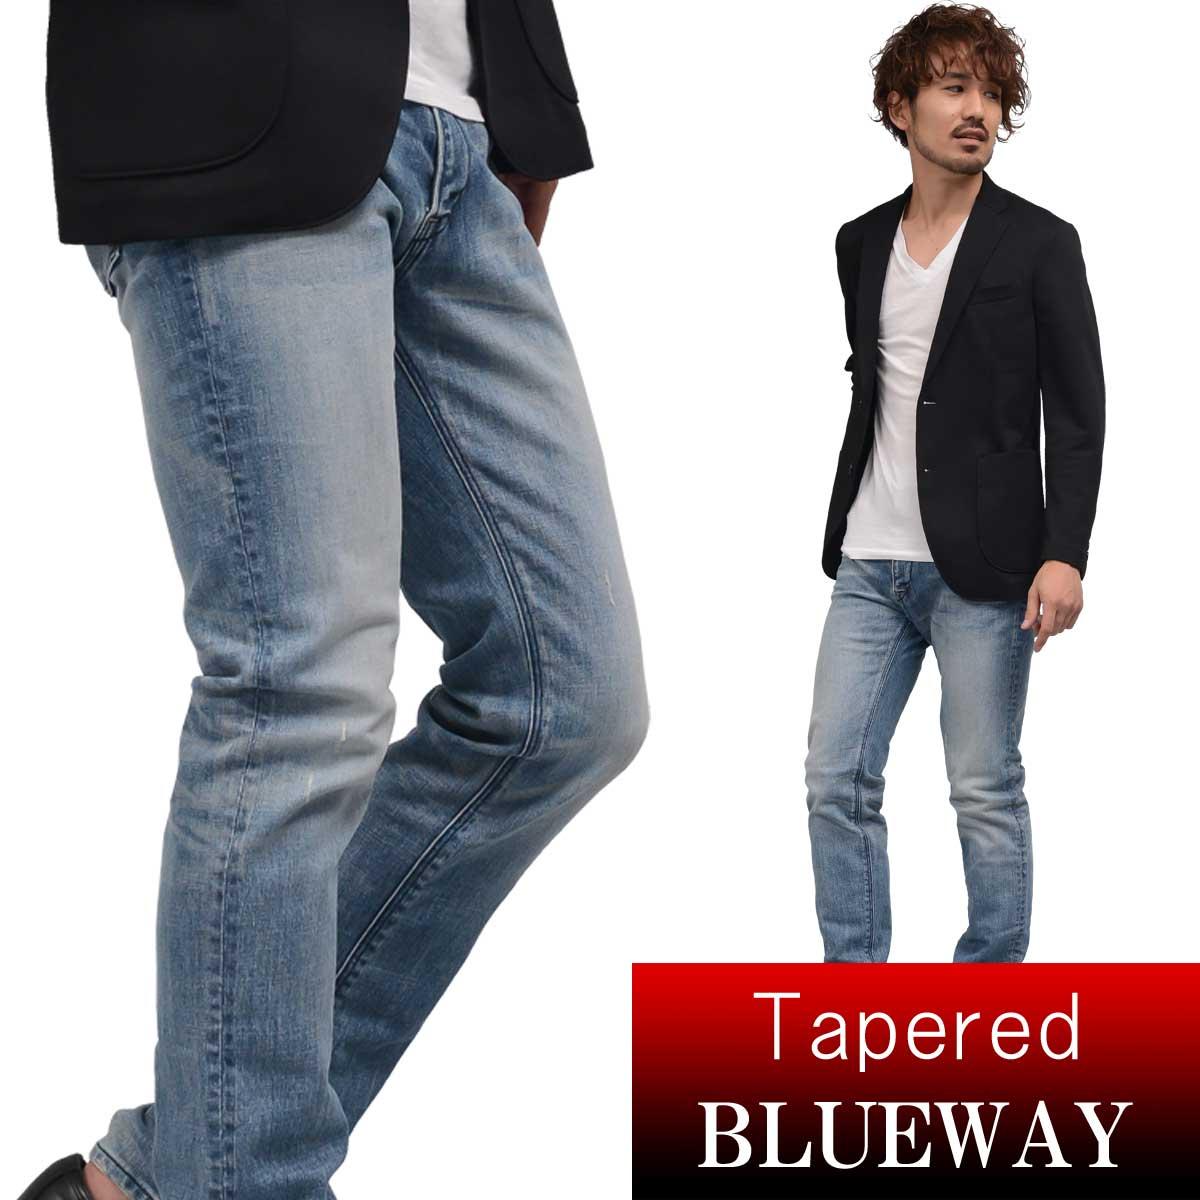 BLUEWAY:ソリッドストレッチデニム・レギュラーテーパードジーンズ(ハードビンテージ):M1881-5504 ブルーウェイ ジーンズ メンズ デニム 裾上げ